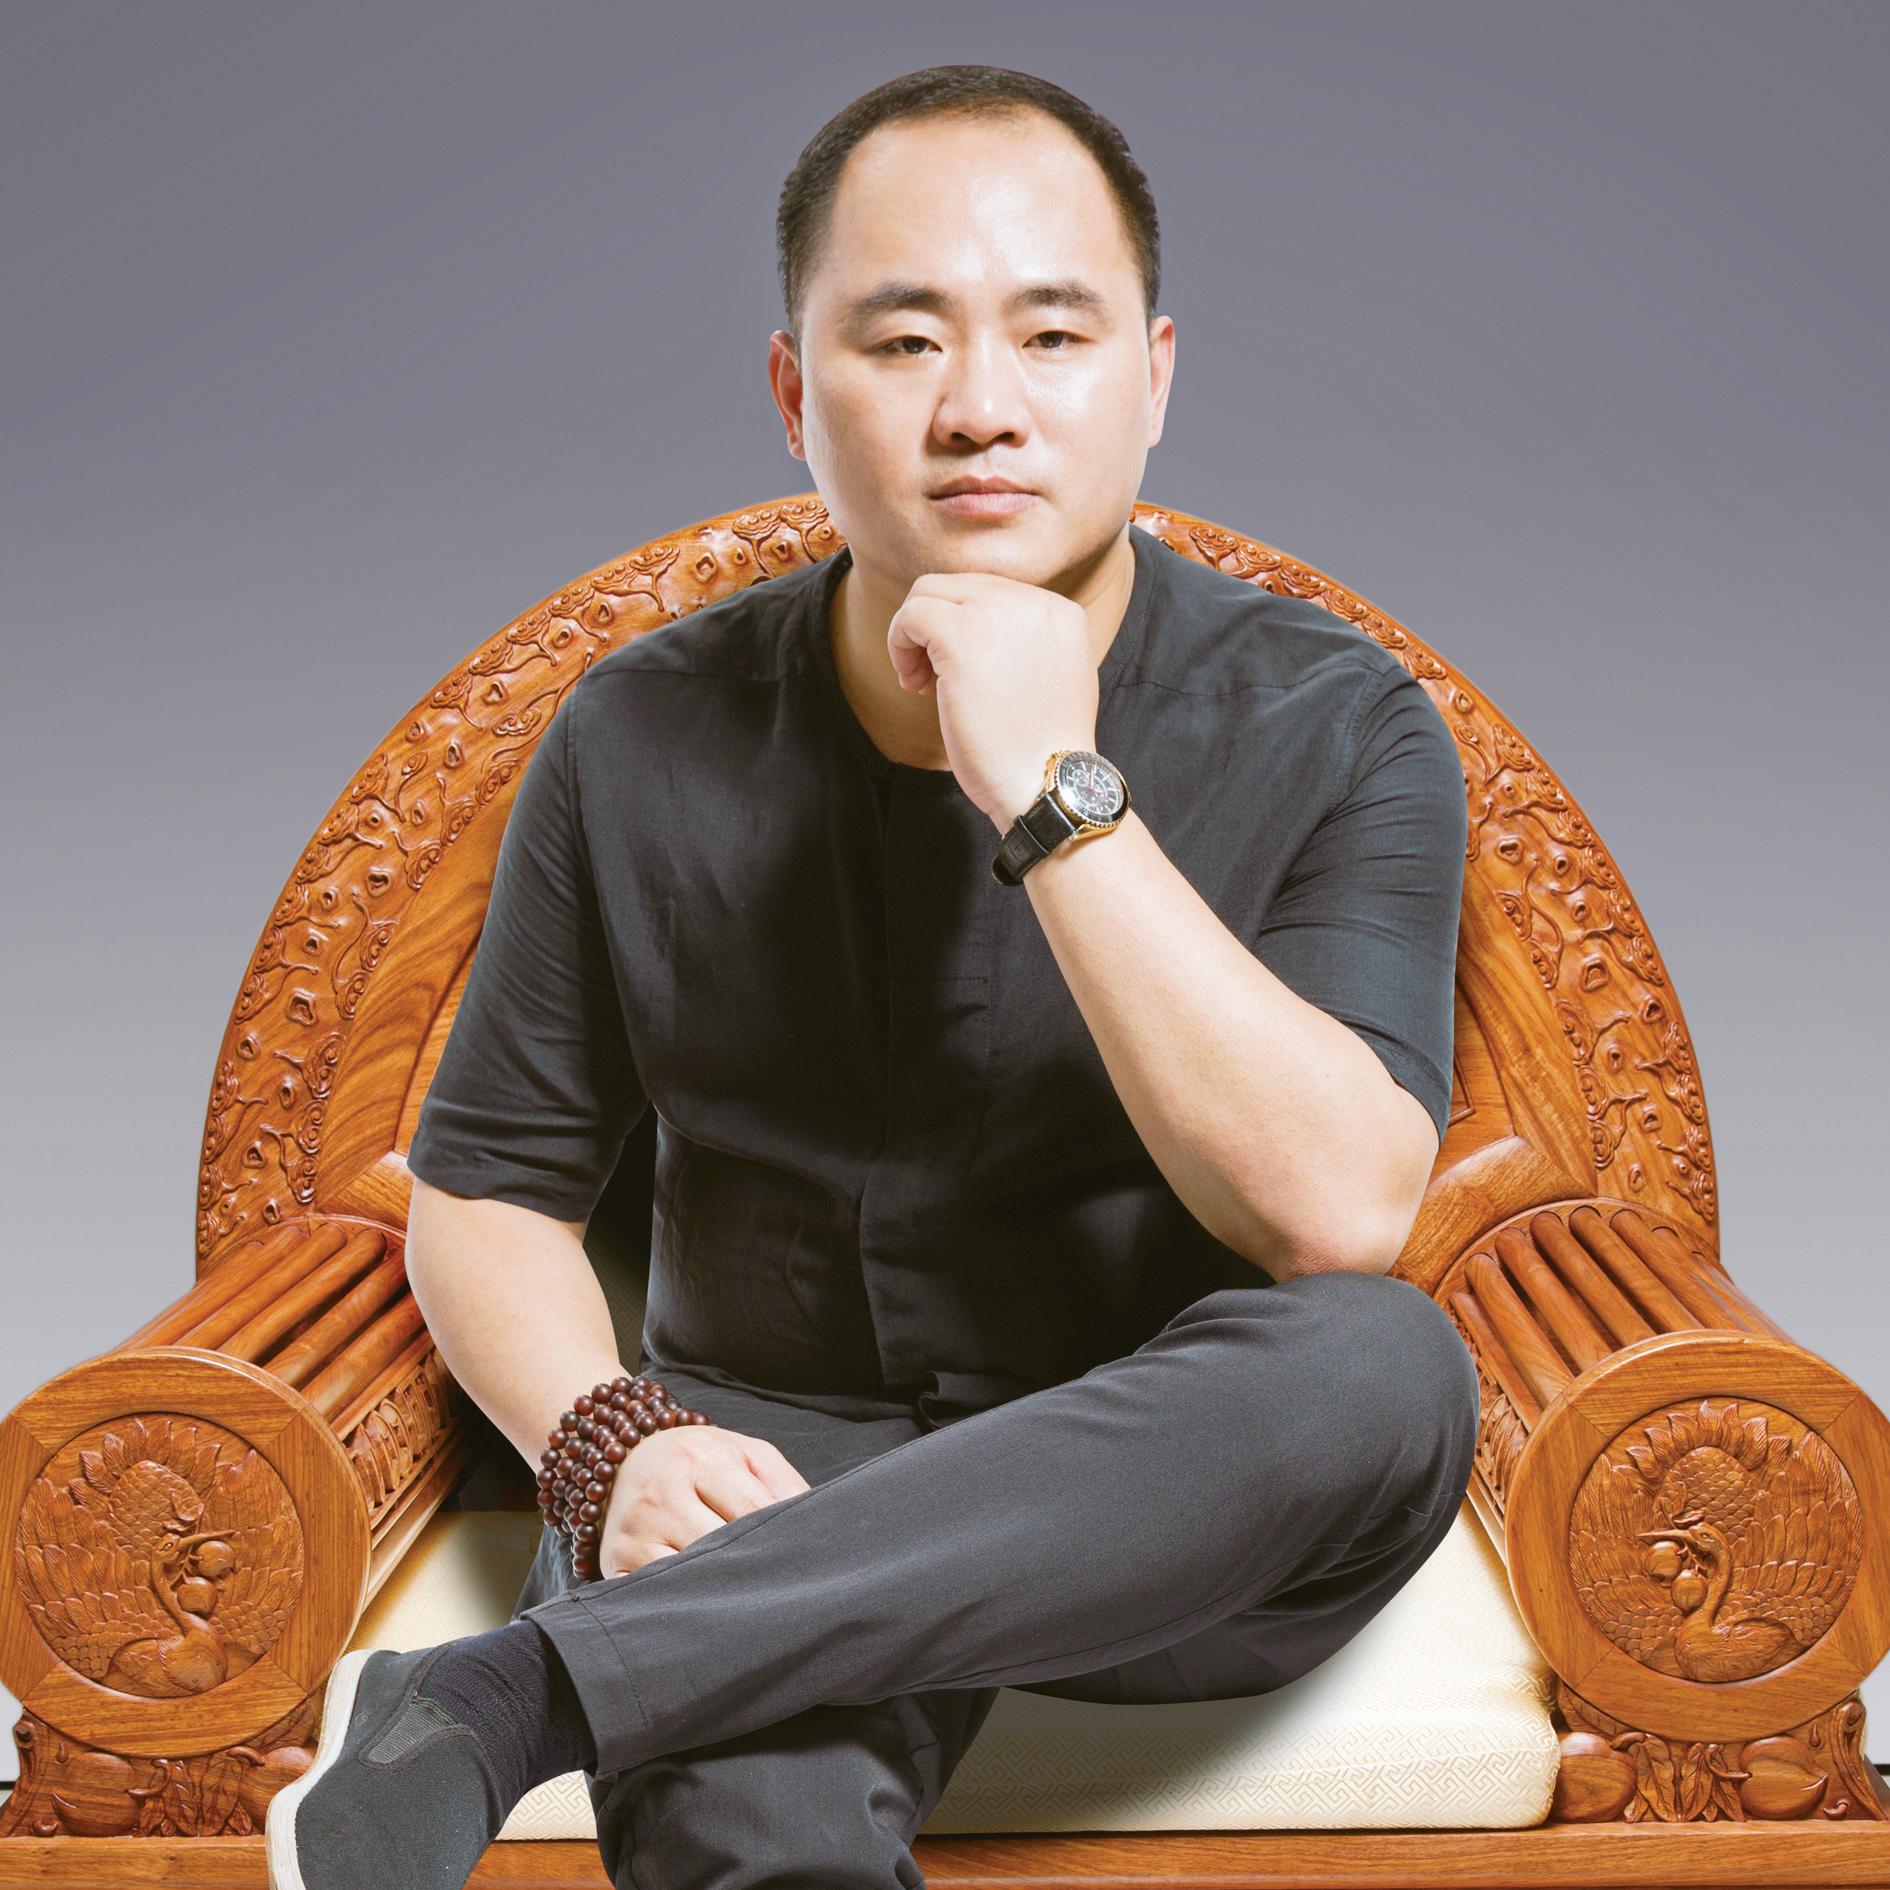 """致敬义商 传承梦想(8)1.5代义商王文庆和他的""""百年老店"""""""